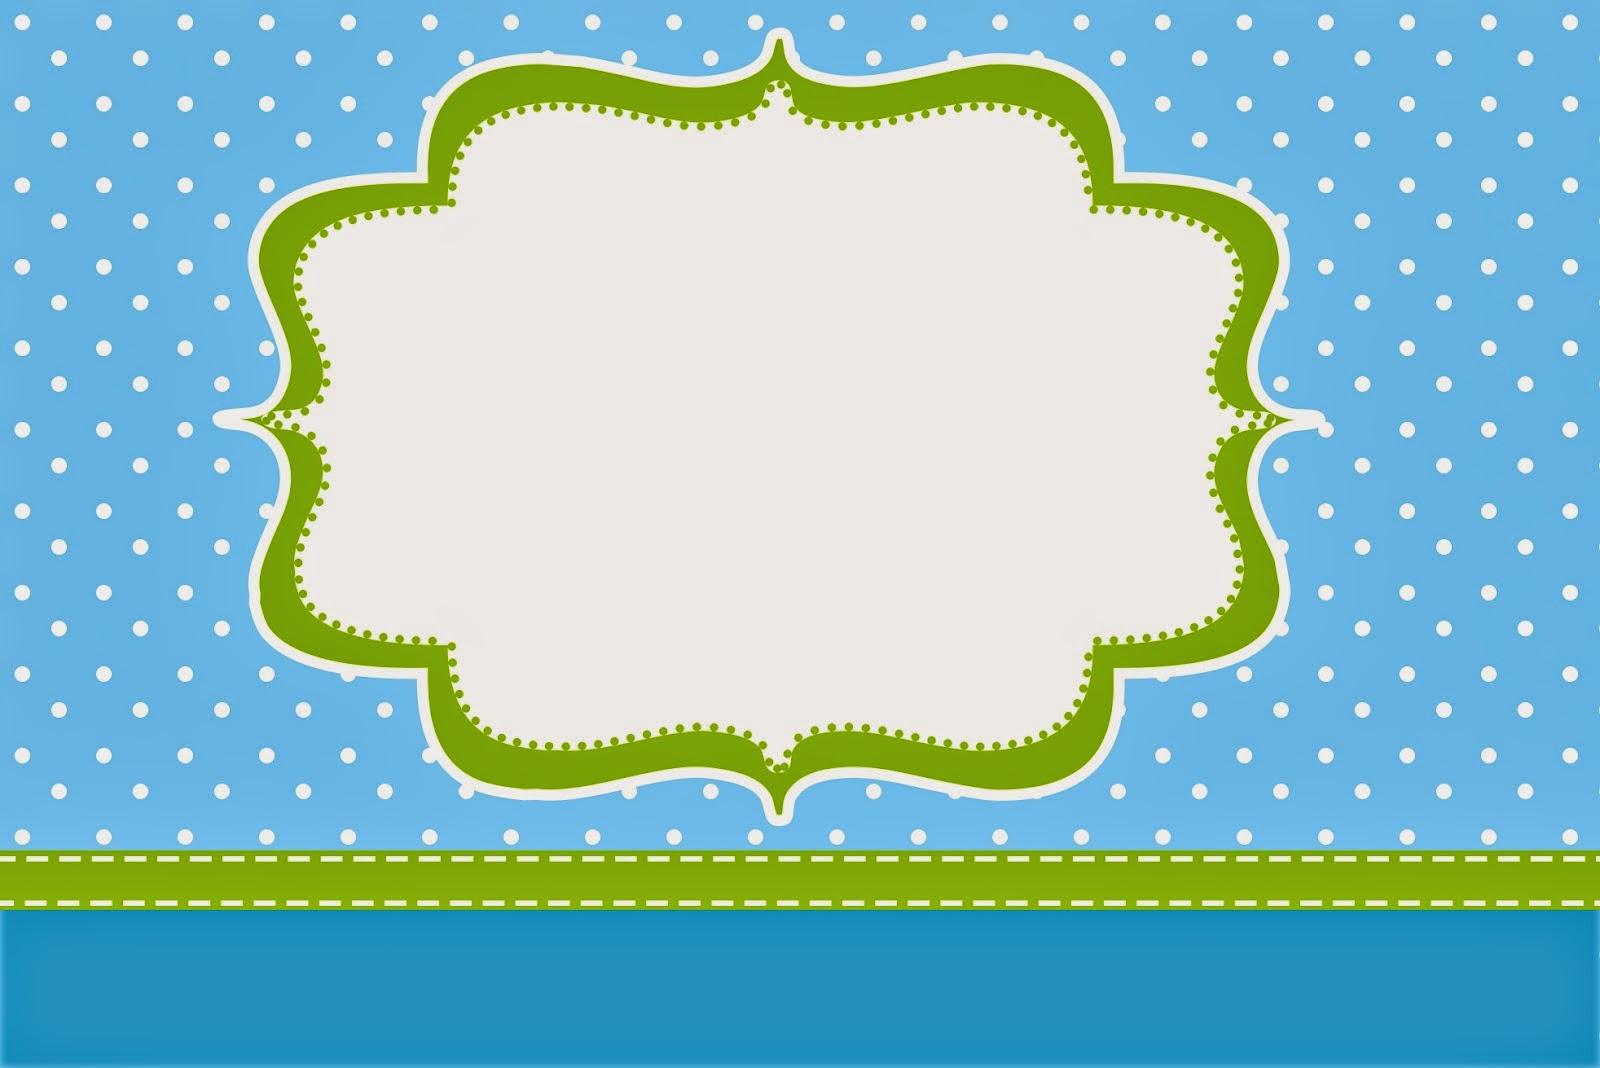 Azul y verde lim n invitaciones y cajas para imprimir gratis ideas y material gratis para - Moldes reposteria originales ...